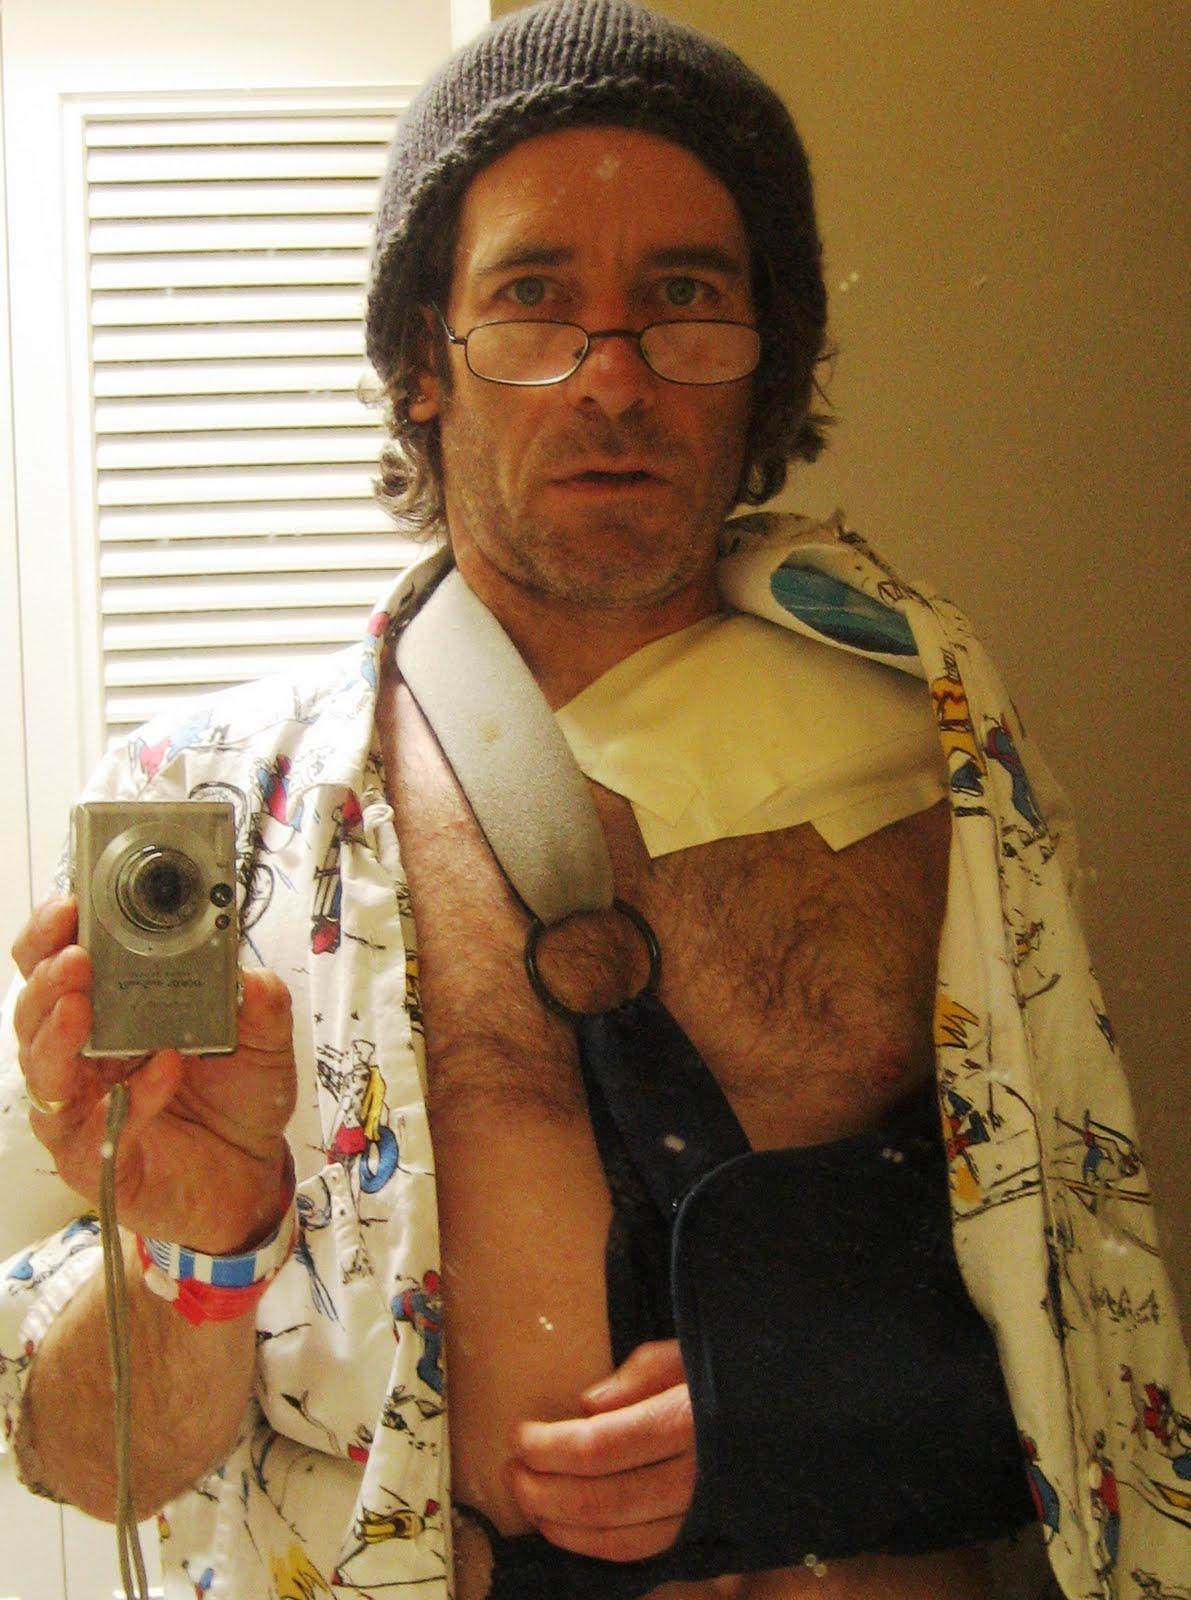 http://4.bp.blogspot.com/-jlMMm9L3_Ig/T3xsELeP-JI/AAAAAAAAFec/pqf7ifzHx_k/s1600/Post-Surgery%5B1%5D.jpg